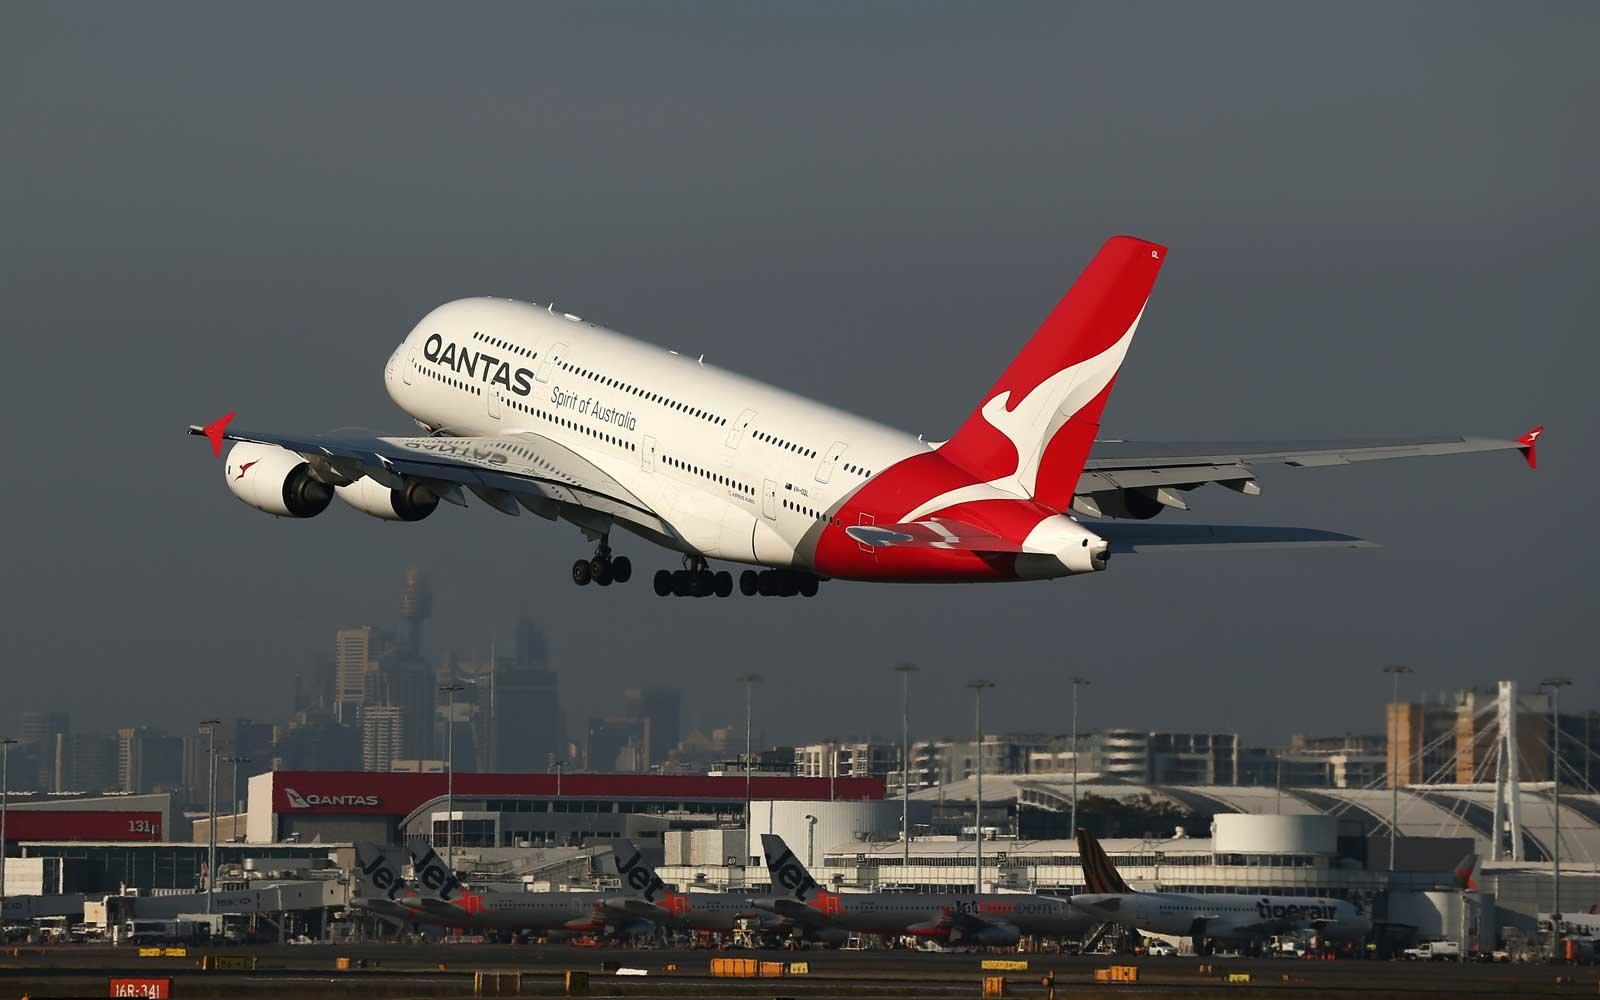 شركة الخطوط الجوية كانتاس تطلق الرحلة البحثية الثانية لاستكشاف آثار تأخر الرحلات الطويلة